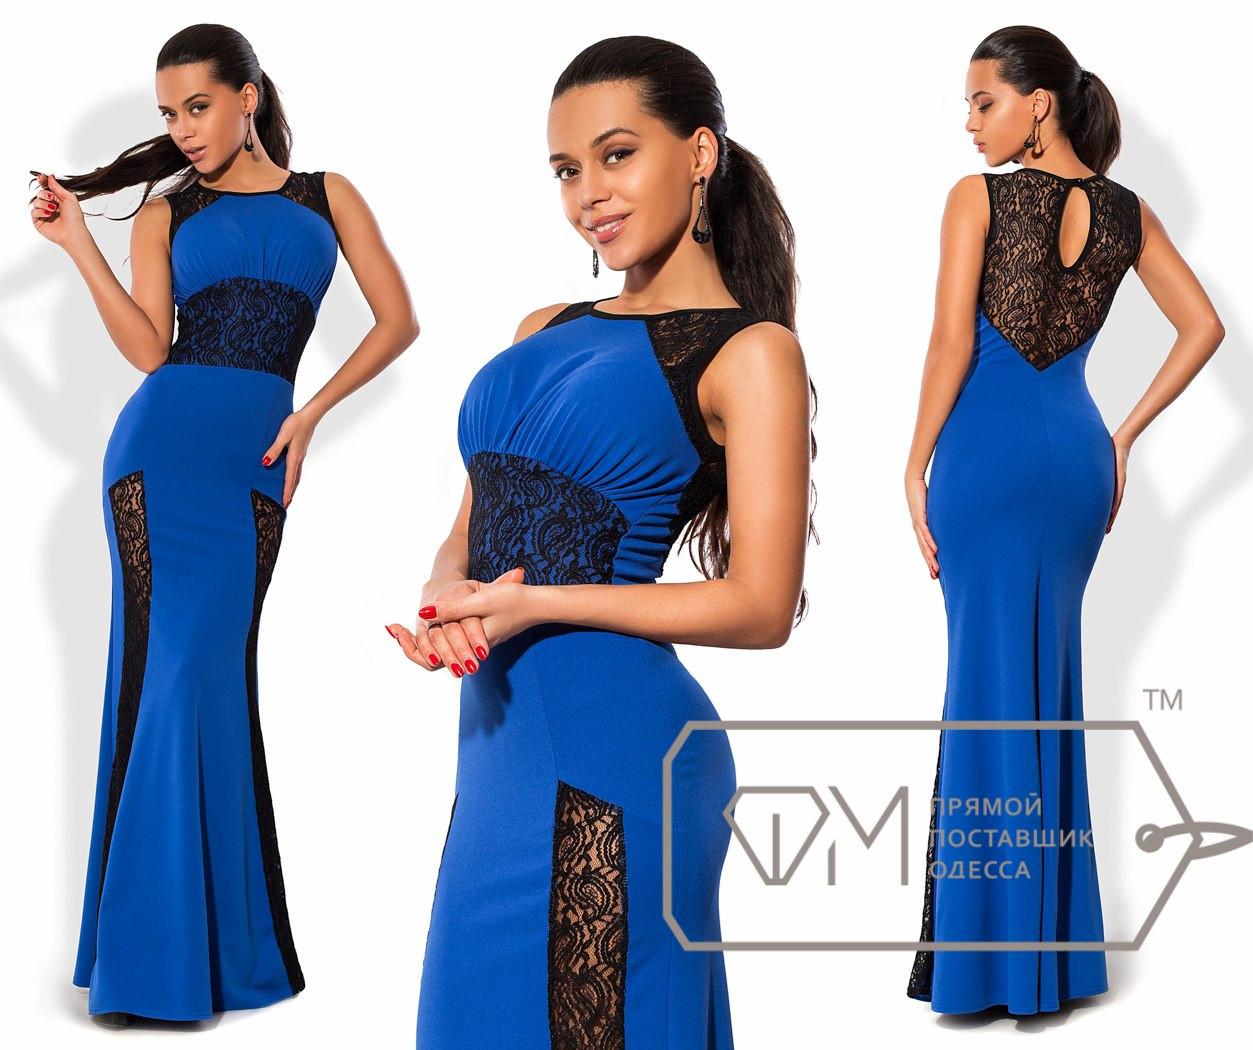 """Вечернее платье """"Дэ-виль"""" размеры: S, M, L"""